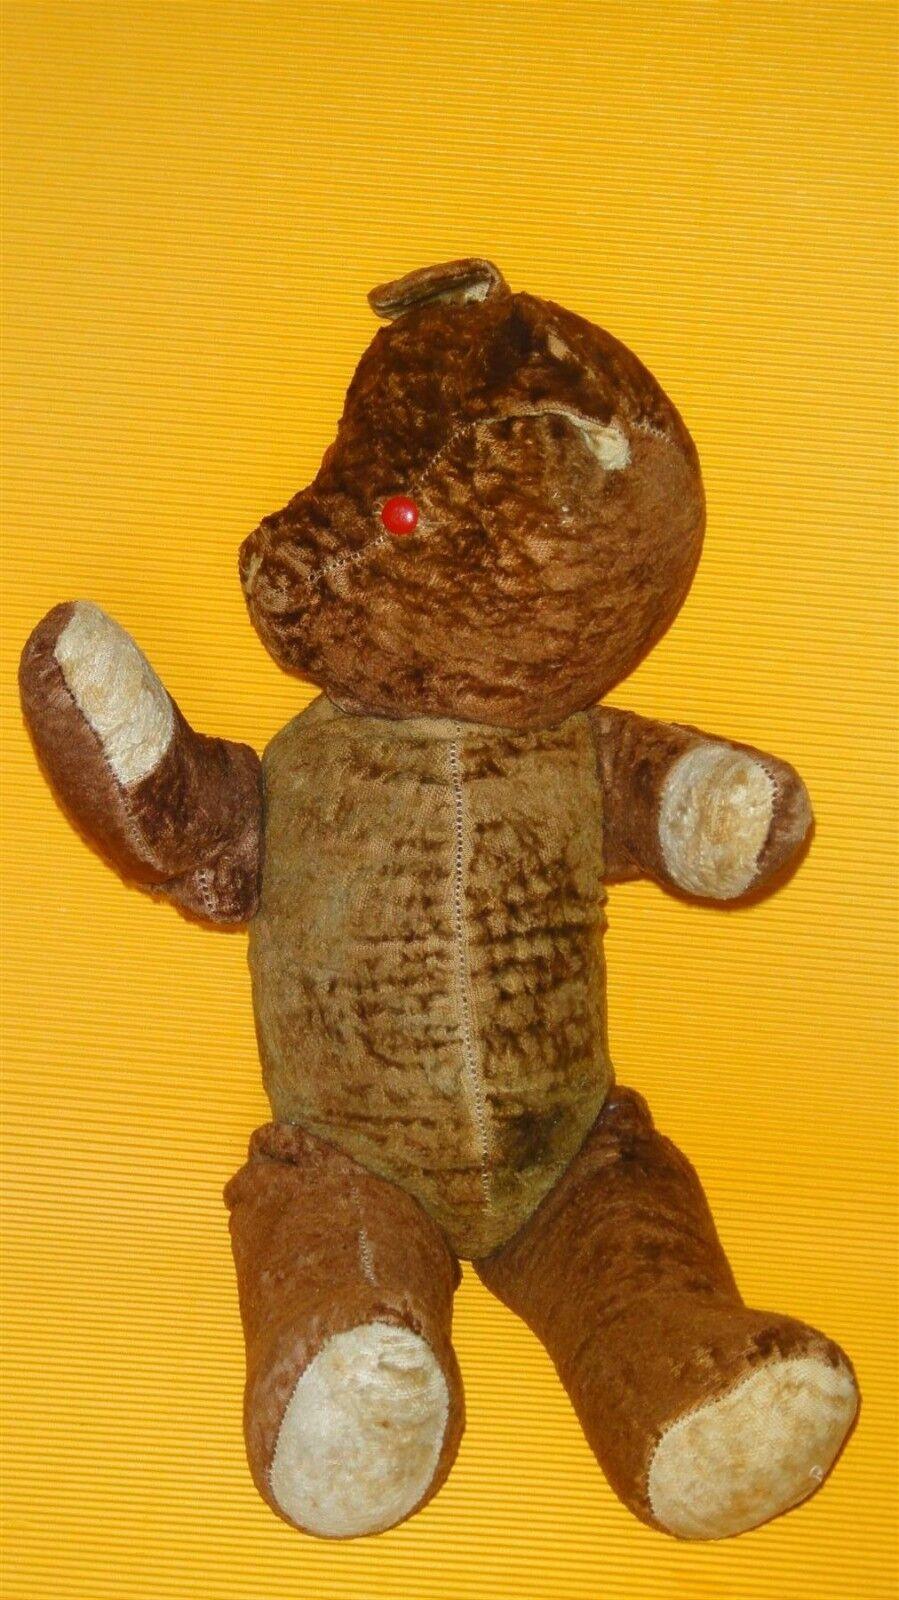 ANTIQUE VTG TOY STUFFED TEDDY BEAR STRAW STUFFED PLASTIC EYES